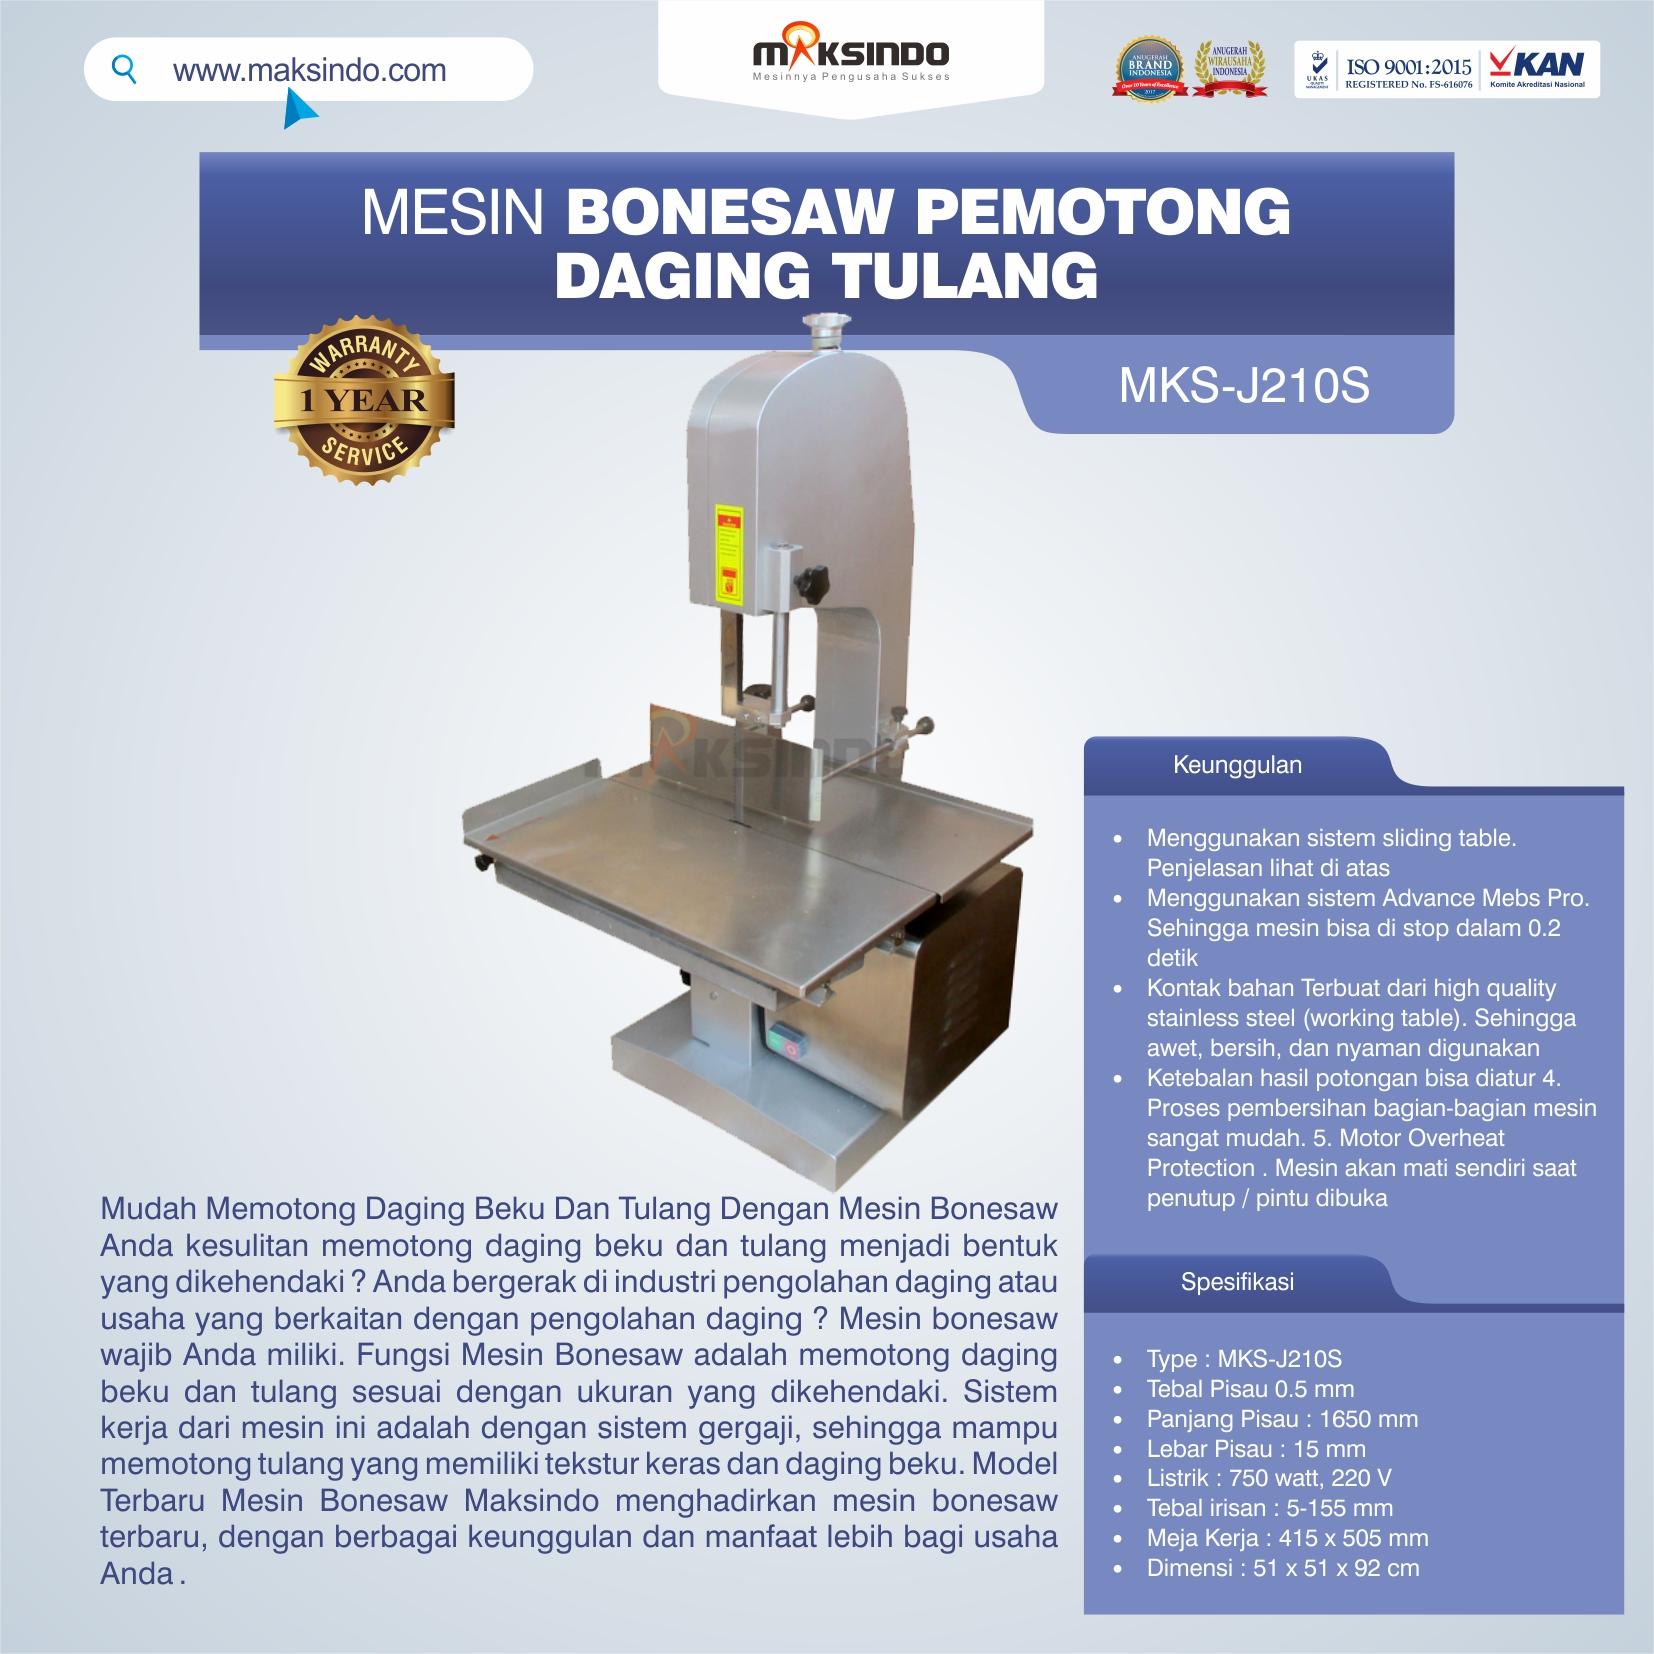 Jual Mesin Bonesaw Pemotong Daging Tulang (MKS-J210S) di Tangerang